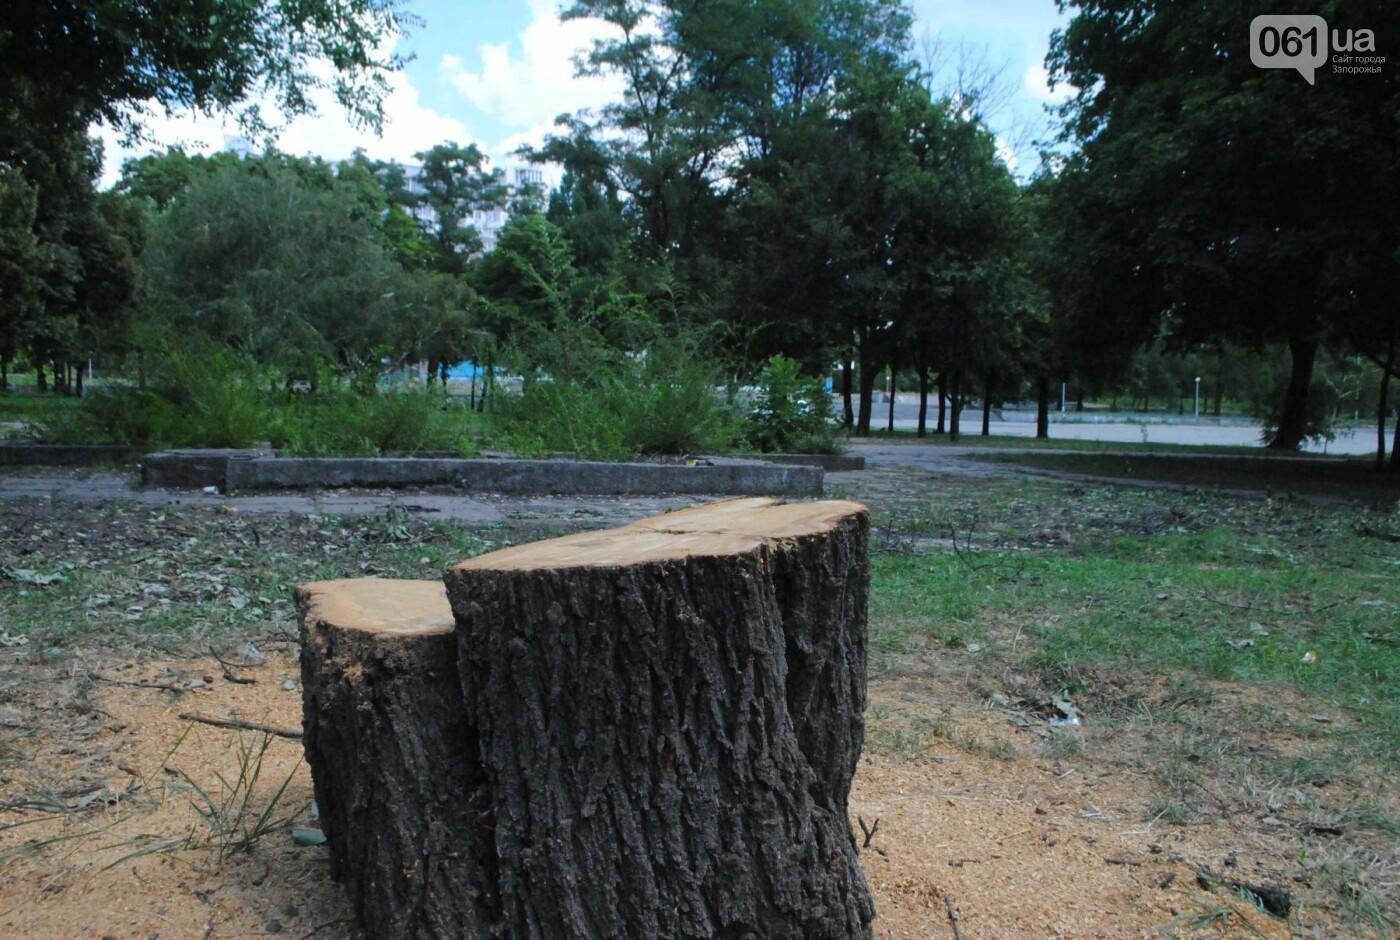 В сквере Яланского начали пилить деревья: неизвестные провели работы сегодня утром, фото-1